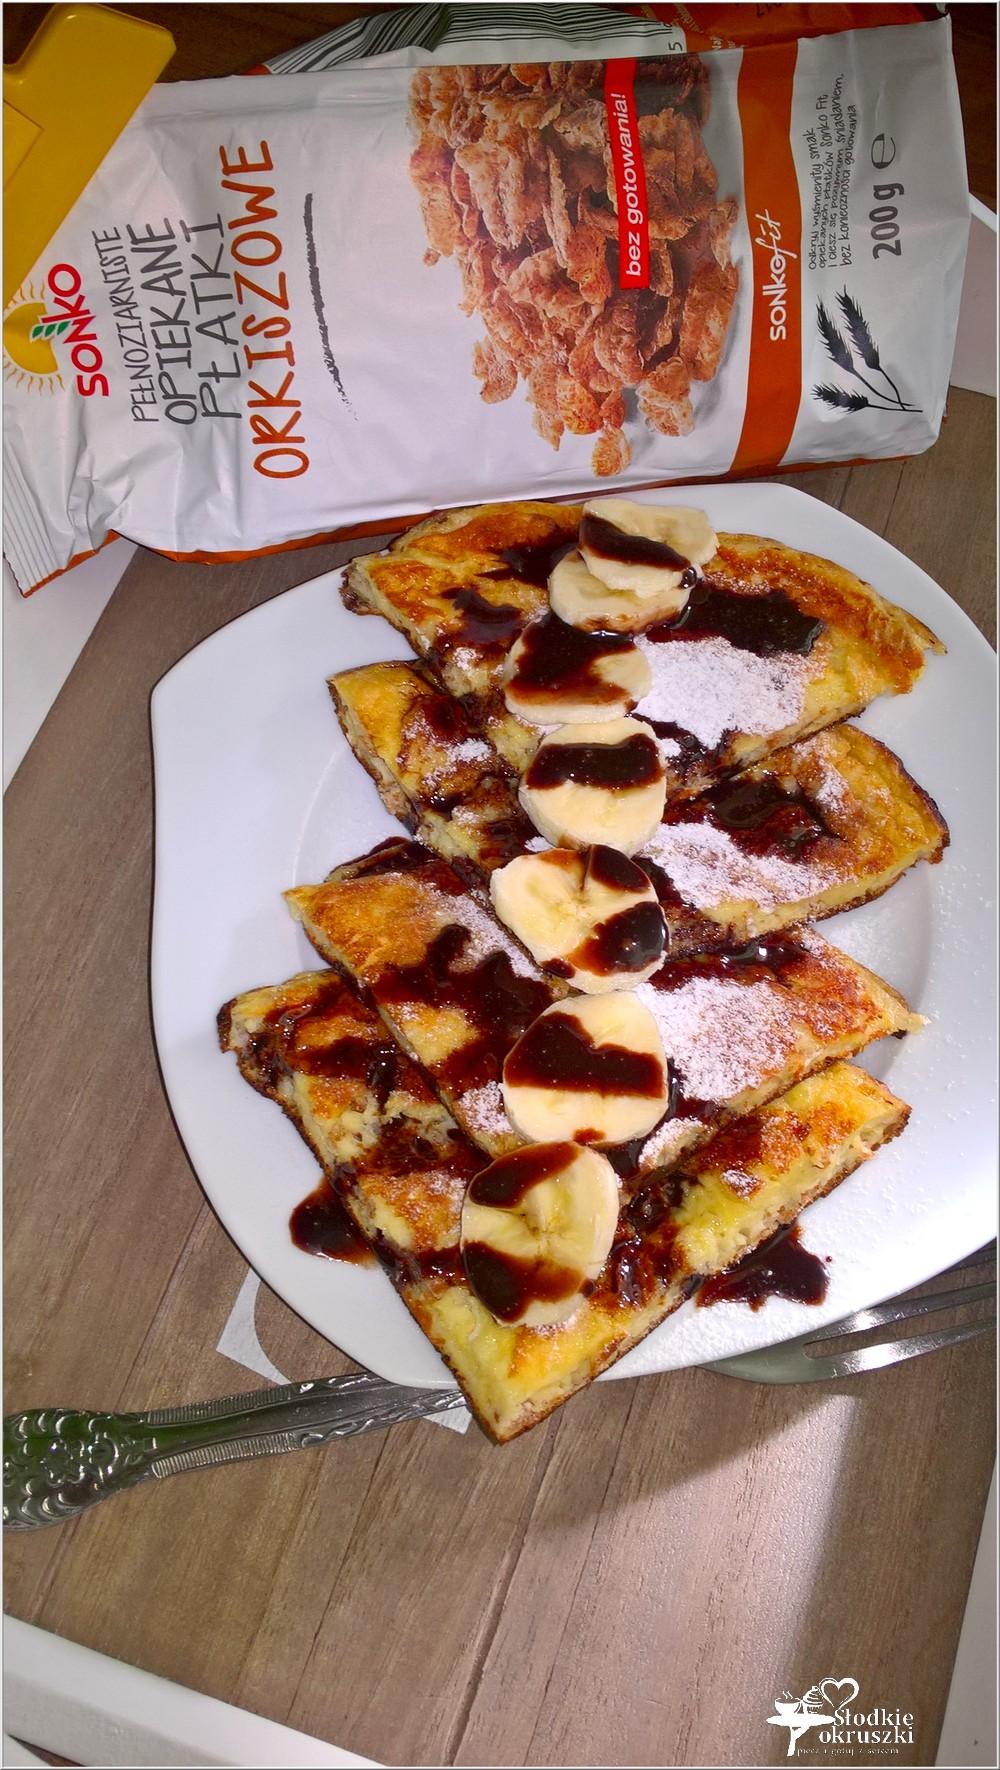 Lekko karmelowy omlet z płatkami orkiszowymi (1)